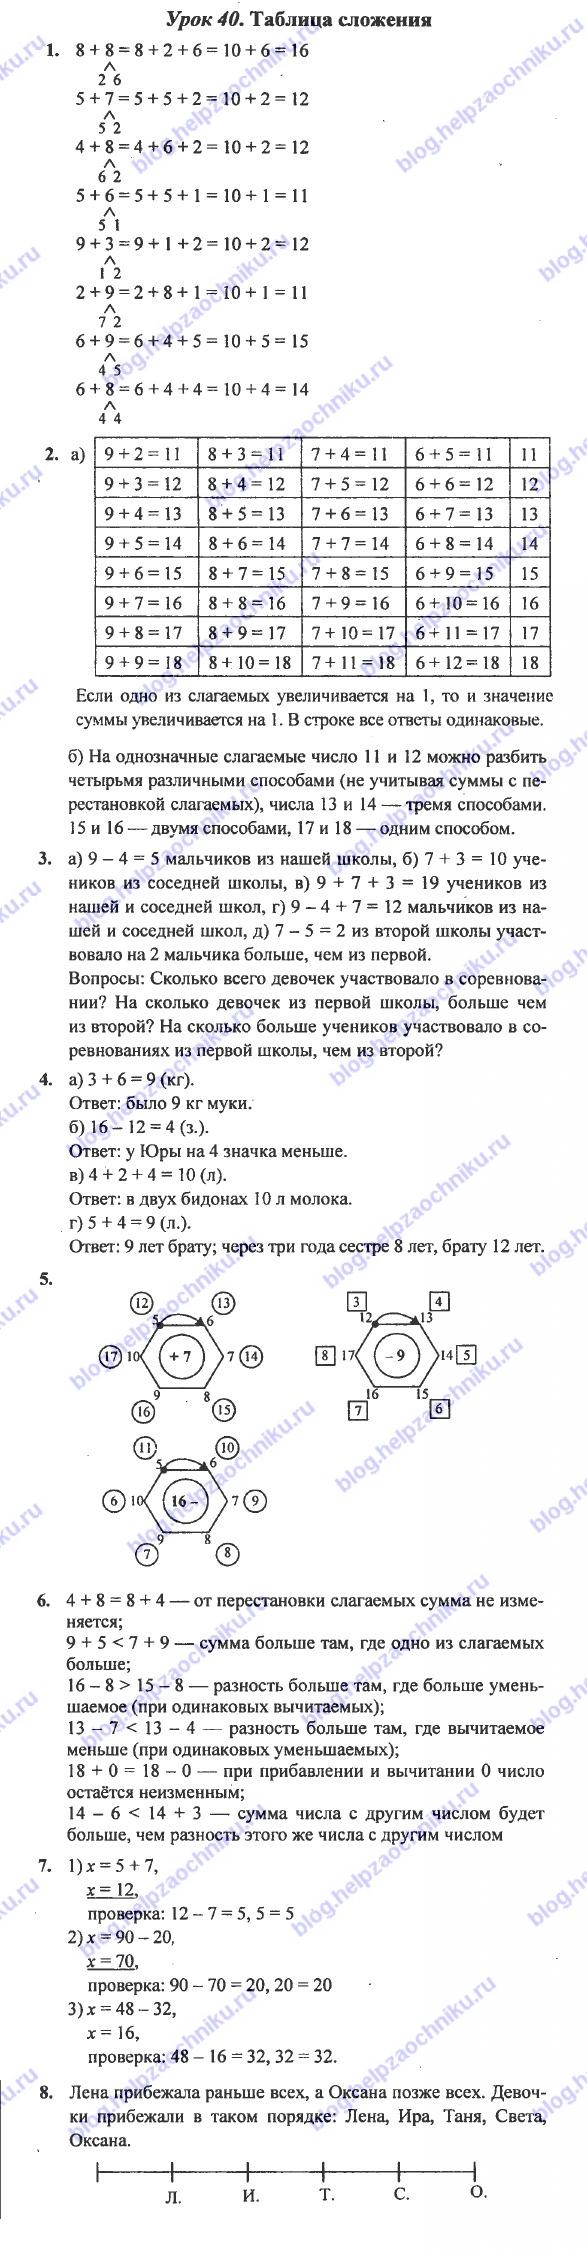 ГДЗ (решебник) математика Л. Г. Петерсон 1 класс 3 часть 40 урок